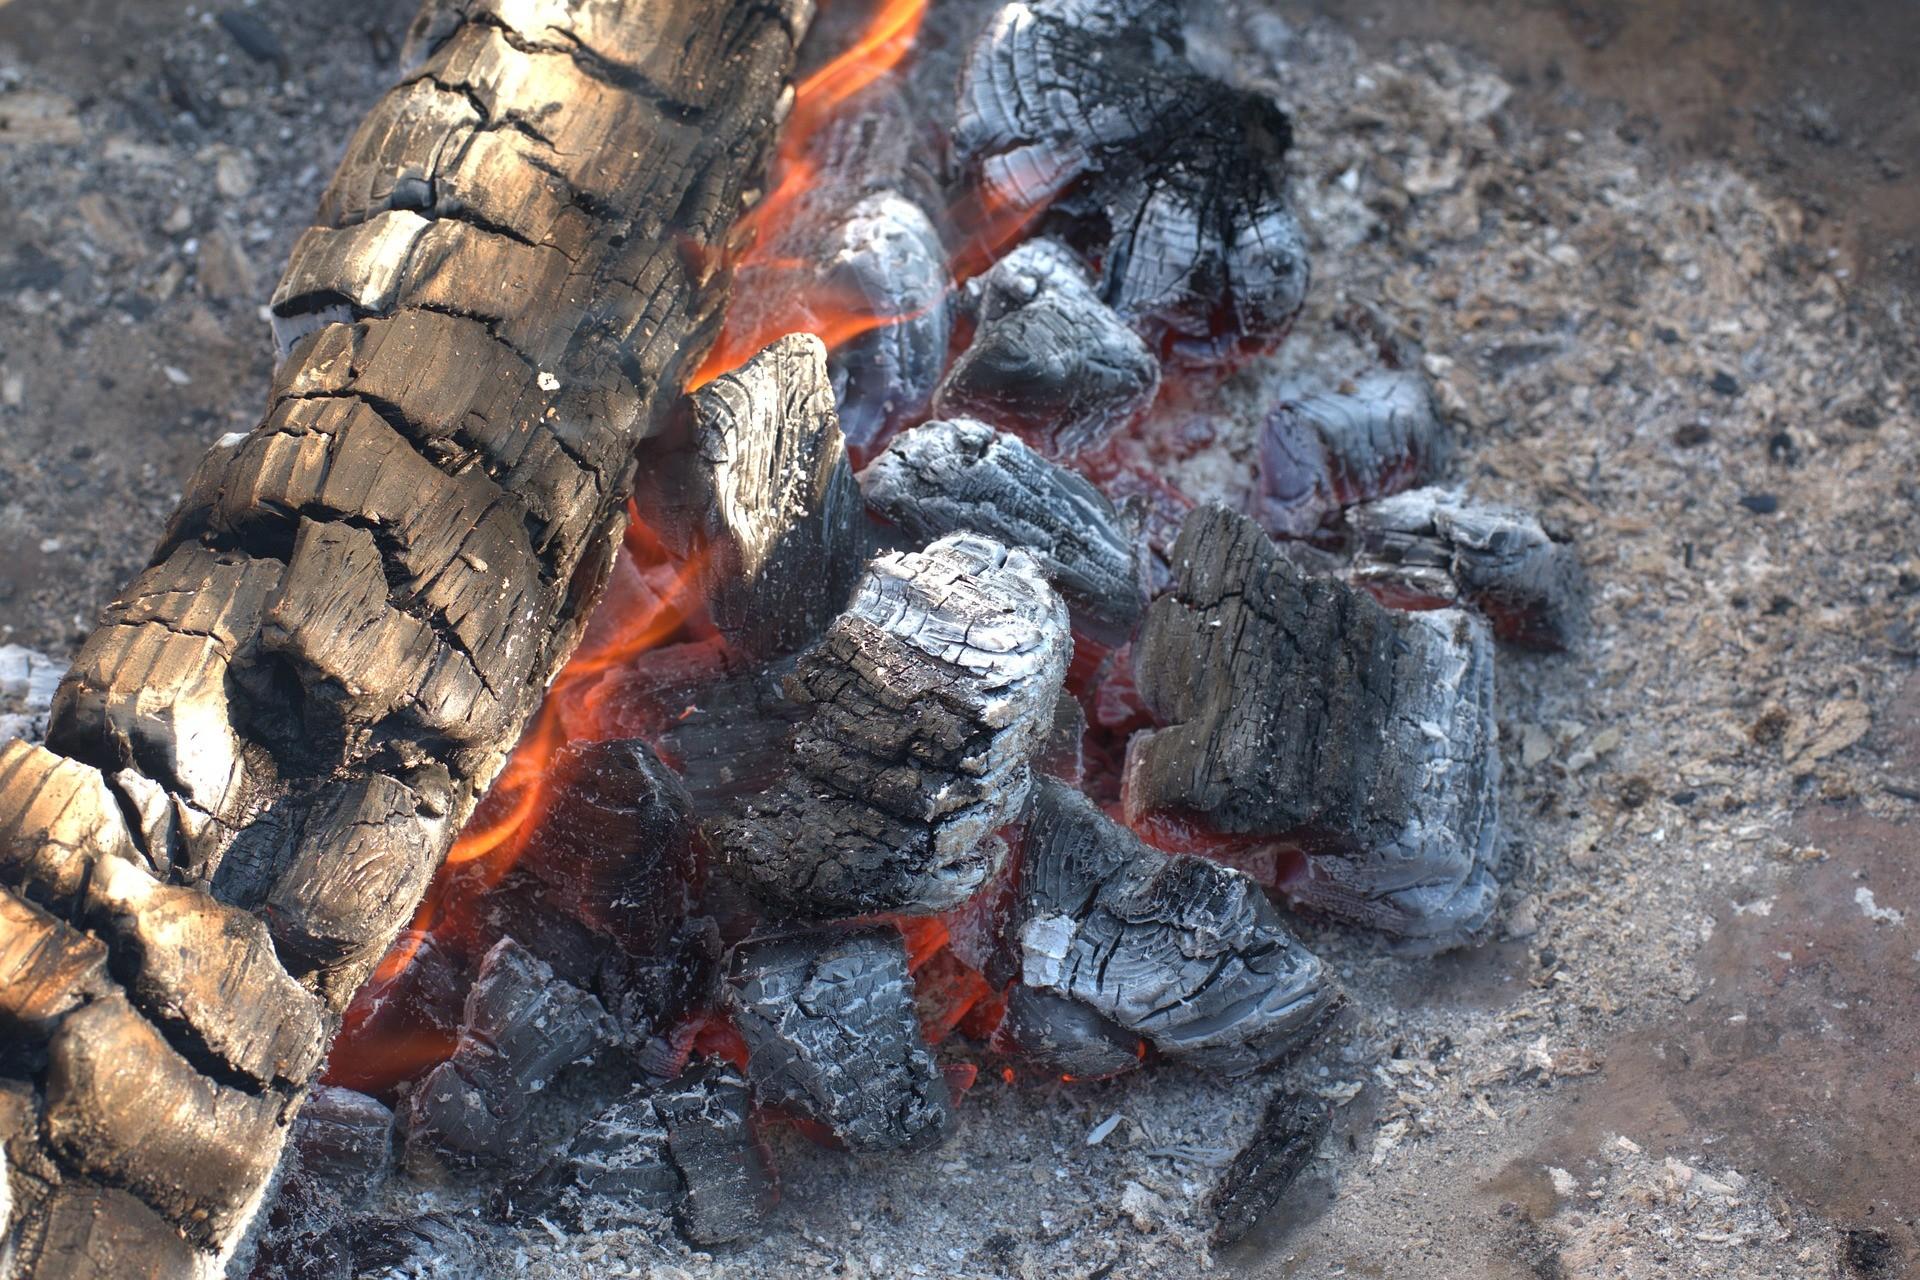 ▲木炭,火焰,烤肉,燃燒。(圖/取自免費圖庫Pixabay)